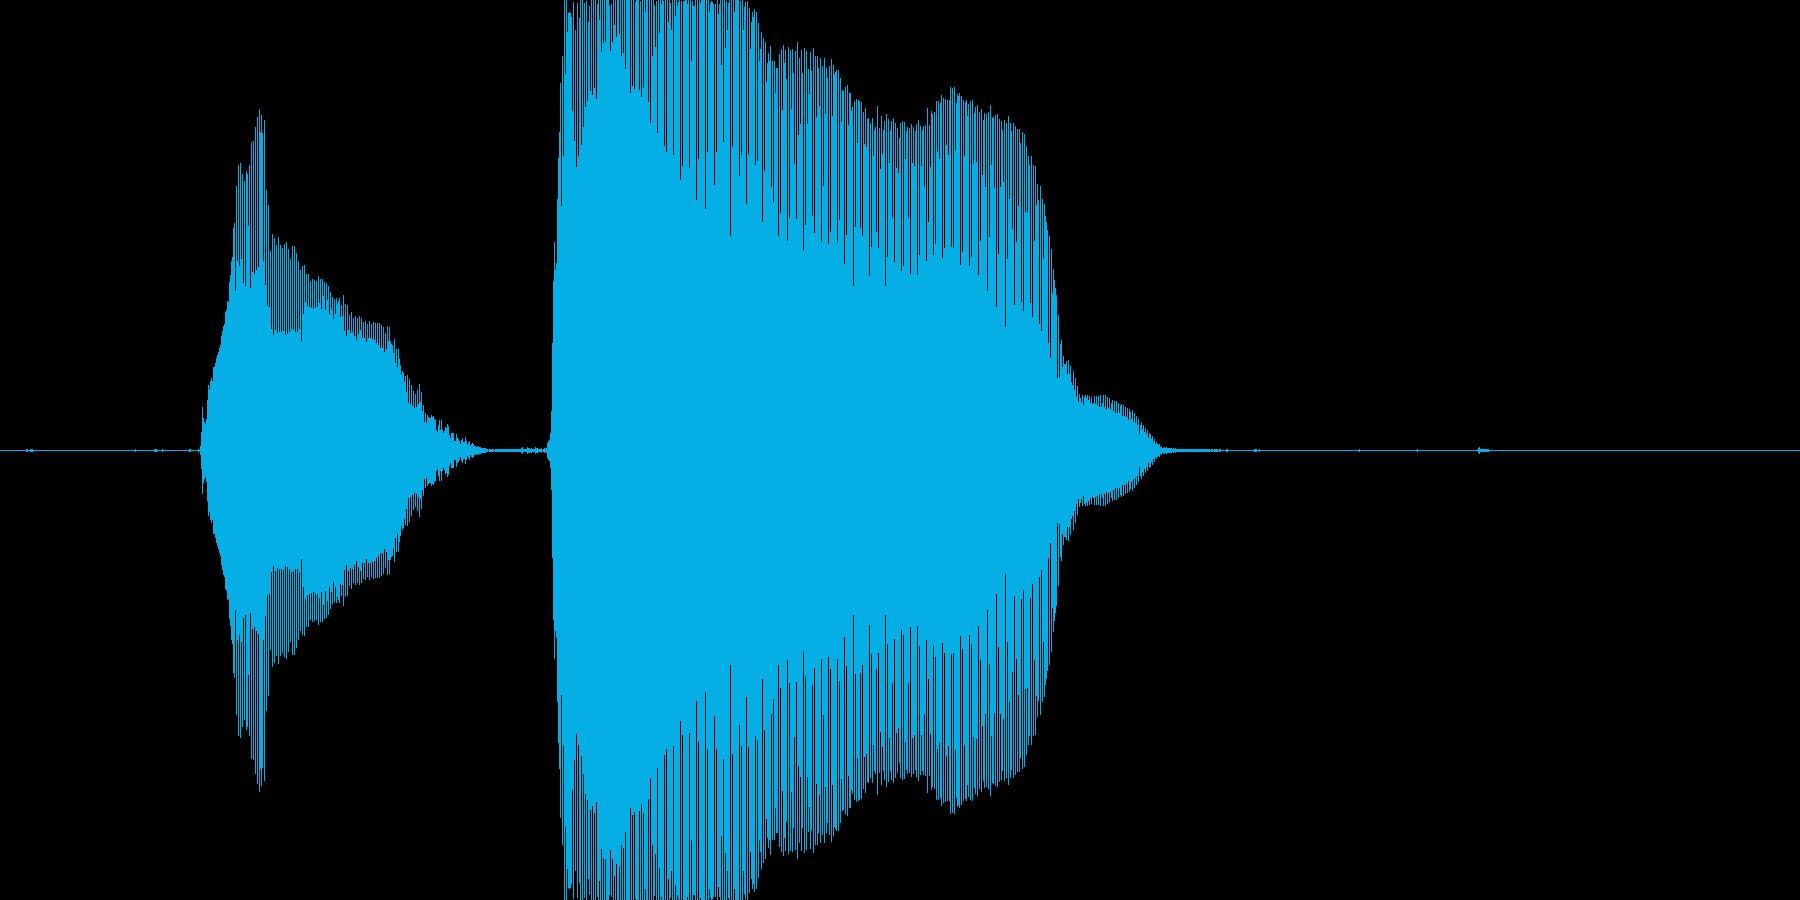 ピンポーン!の再生済みの波形